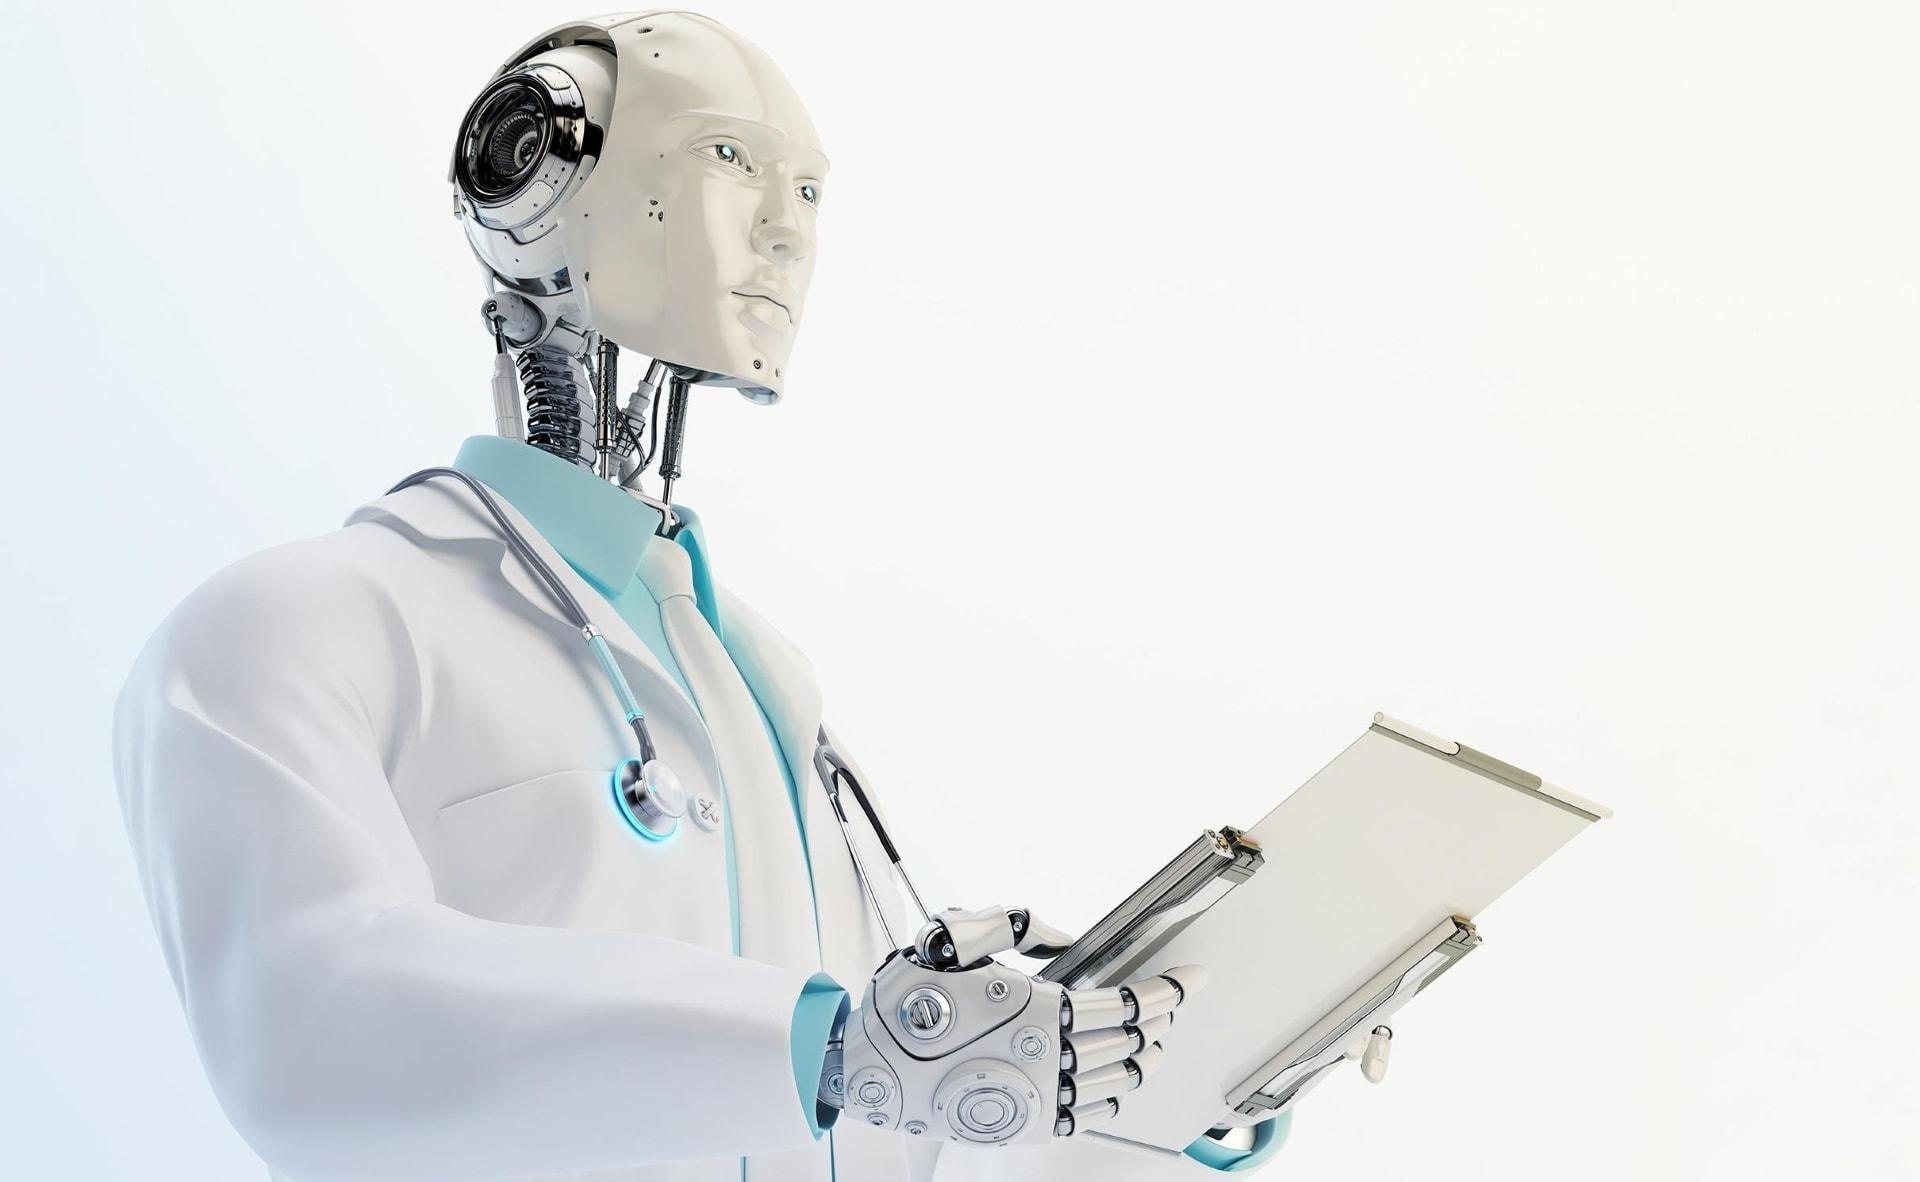 ИИ прогнозирует поведение людей с психическими расстройствами лучше врачей